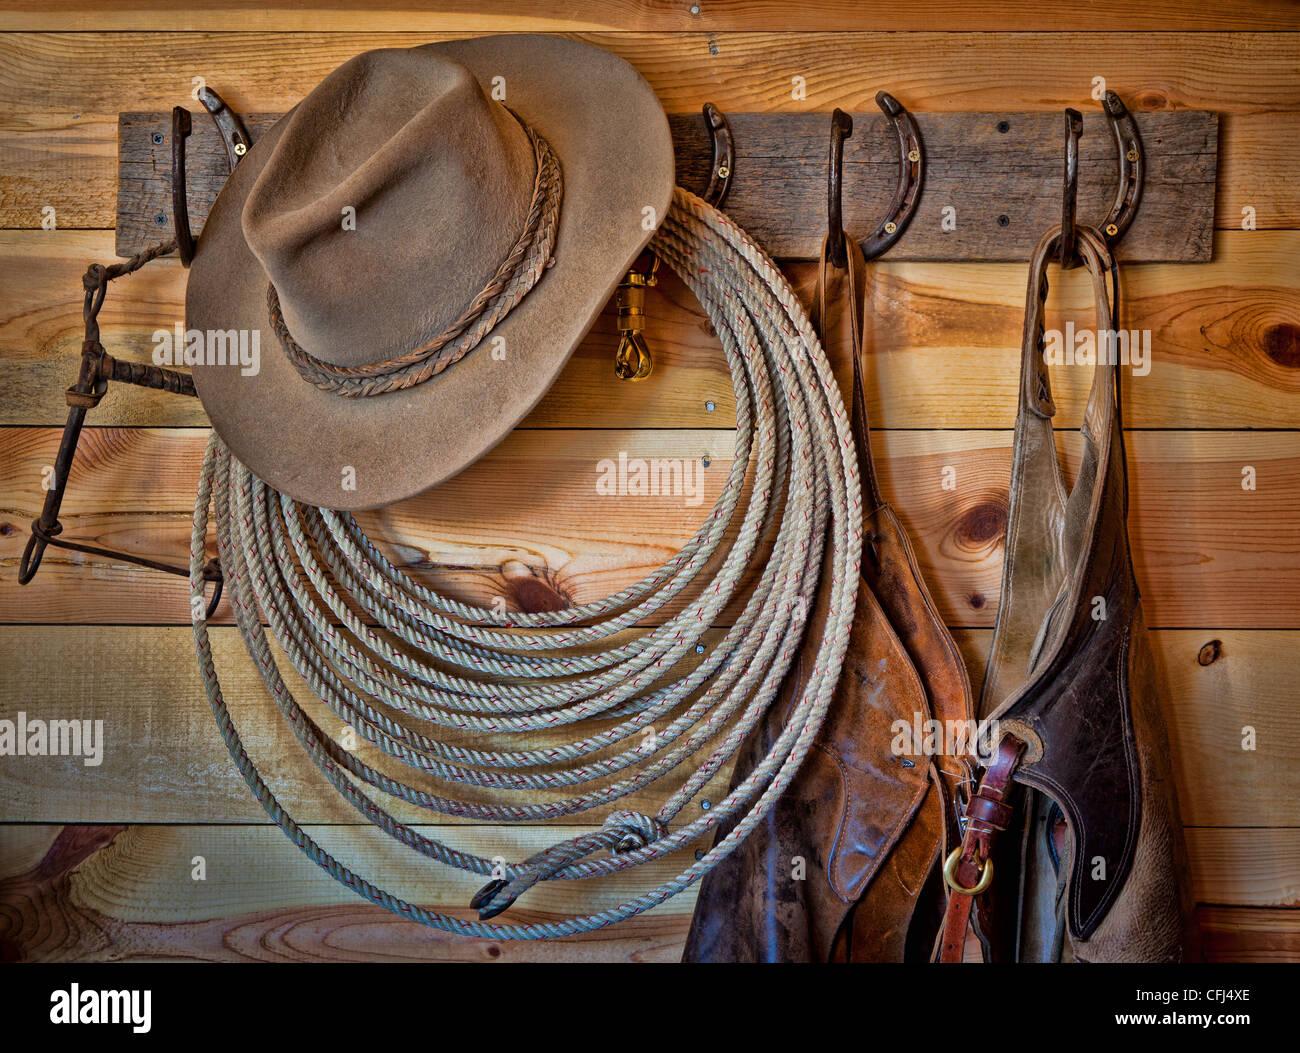 Kleiderbügel auf einer Ranch im nordöstlichen Wyoming Stockfoto